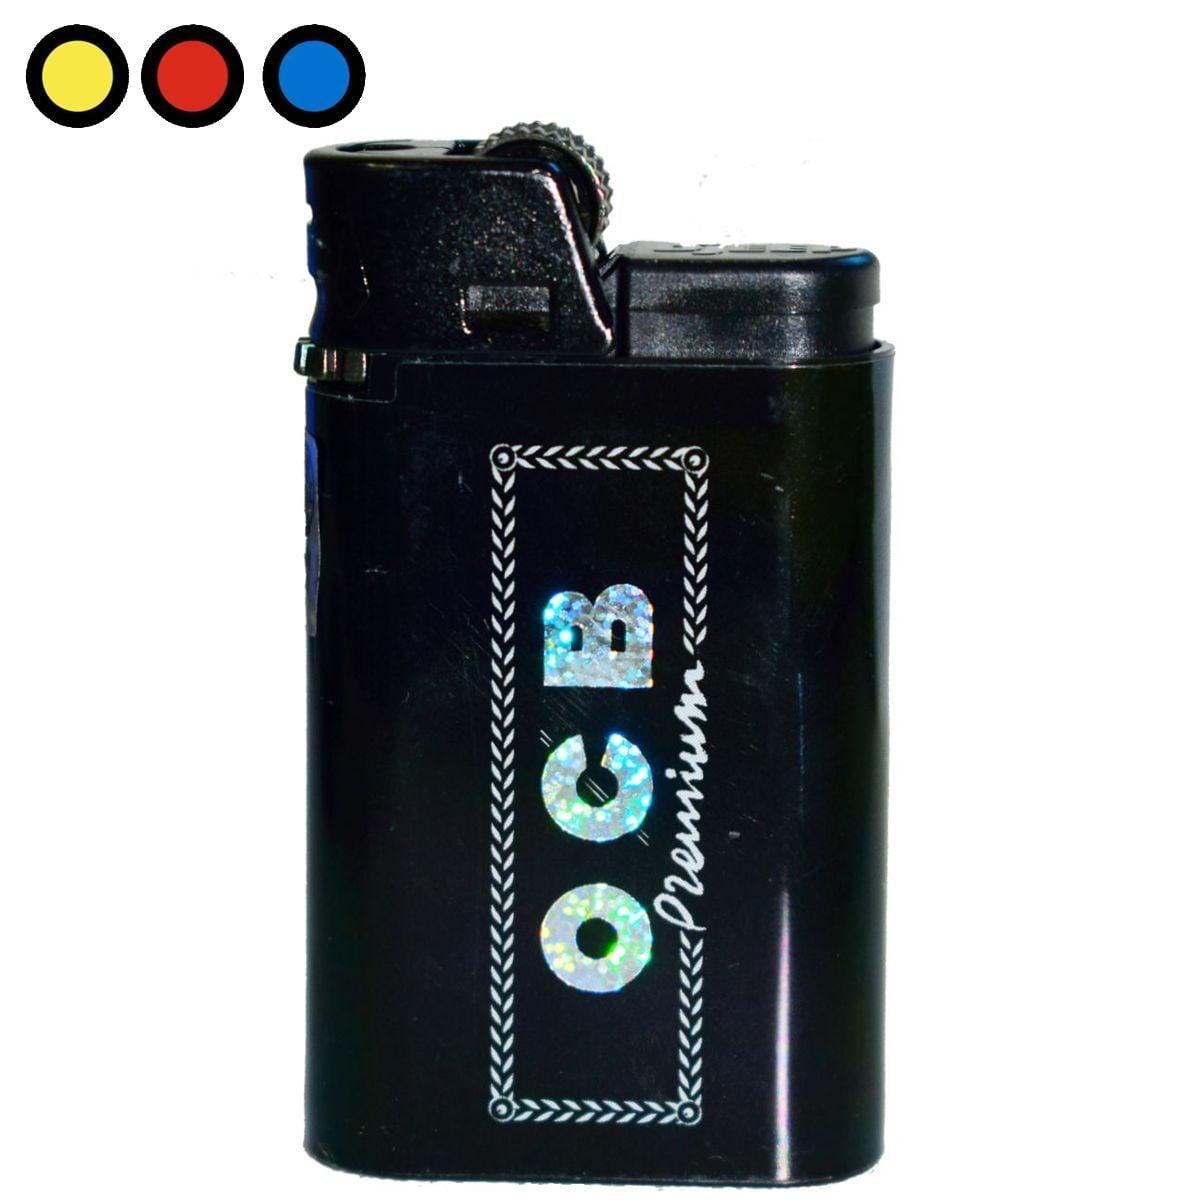 encendedor ocb premium negro